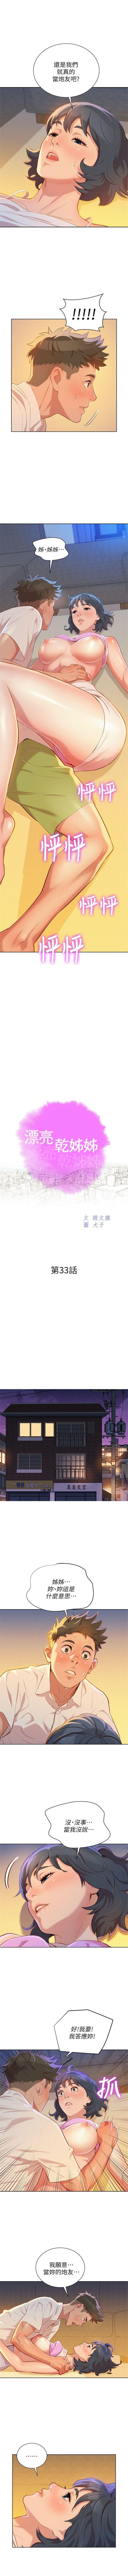 (周7)漂亮干姐姐  1-79 中文翻译 (更新中) 167